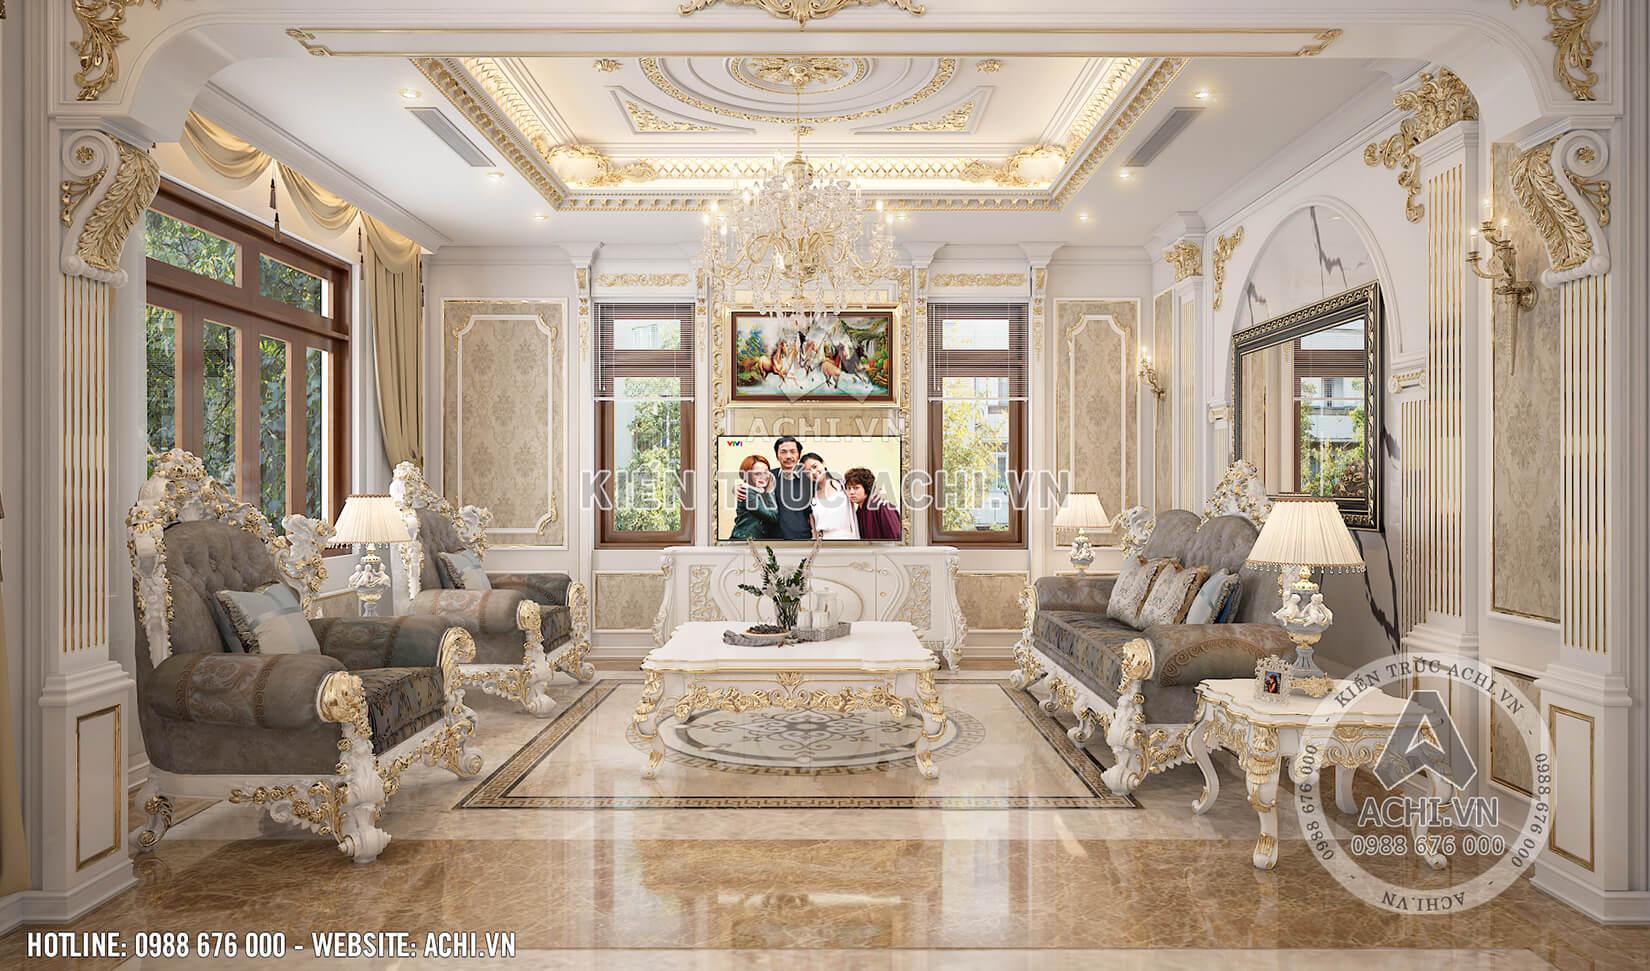 Nội thất biệt thự tân cổ điển đẹp cho phòng khách